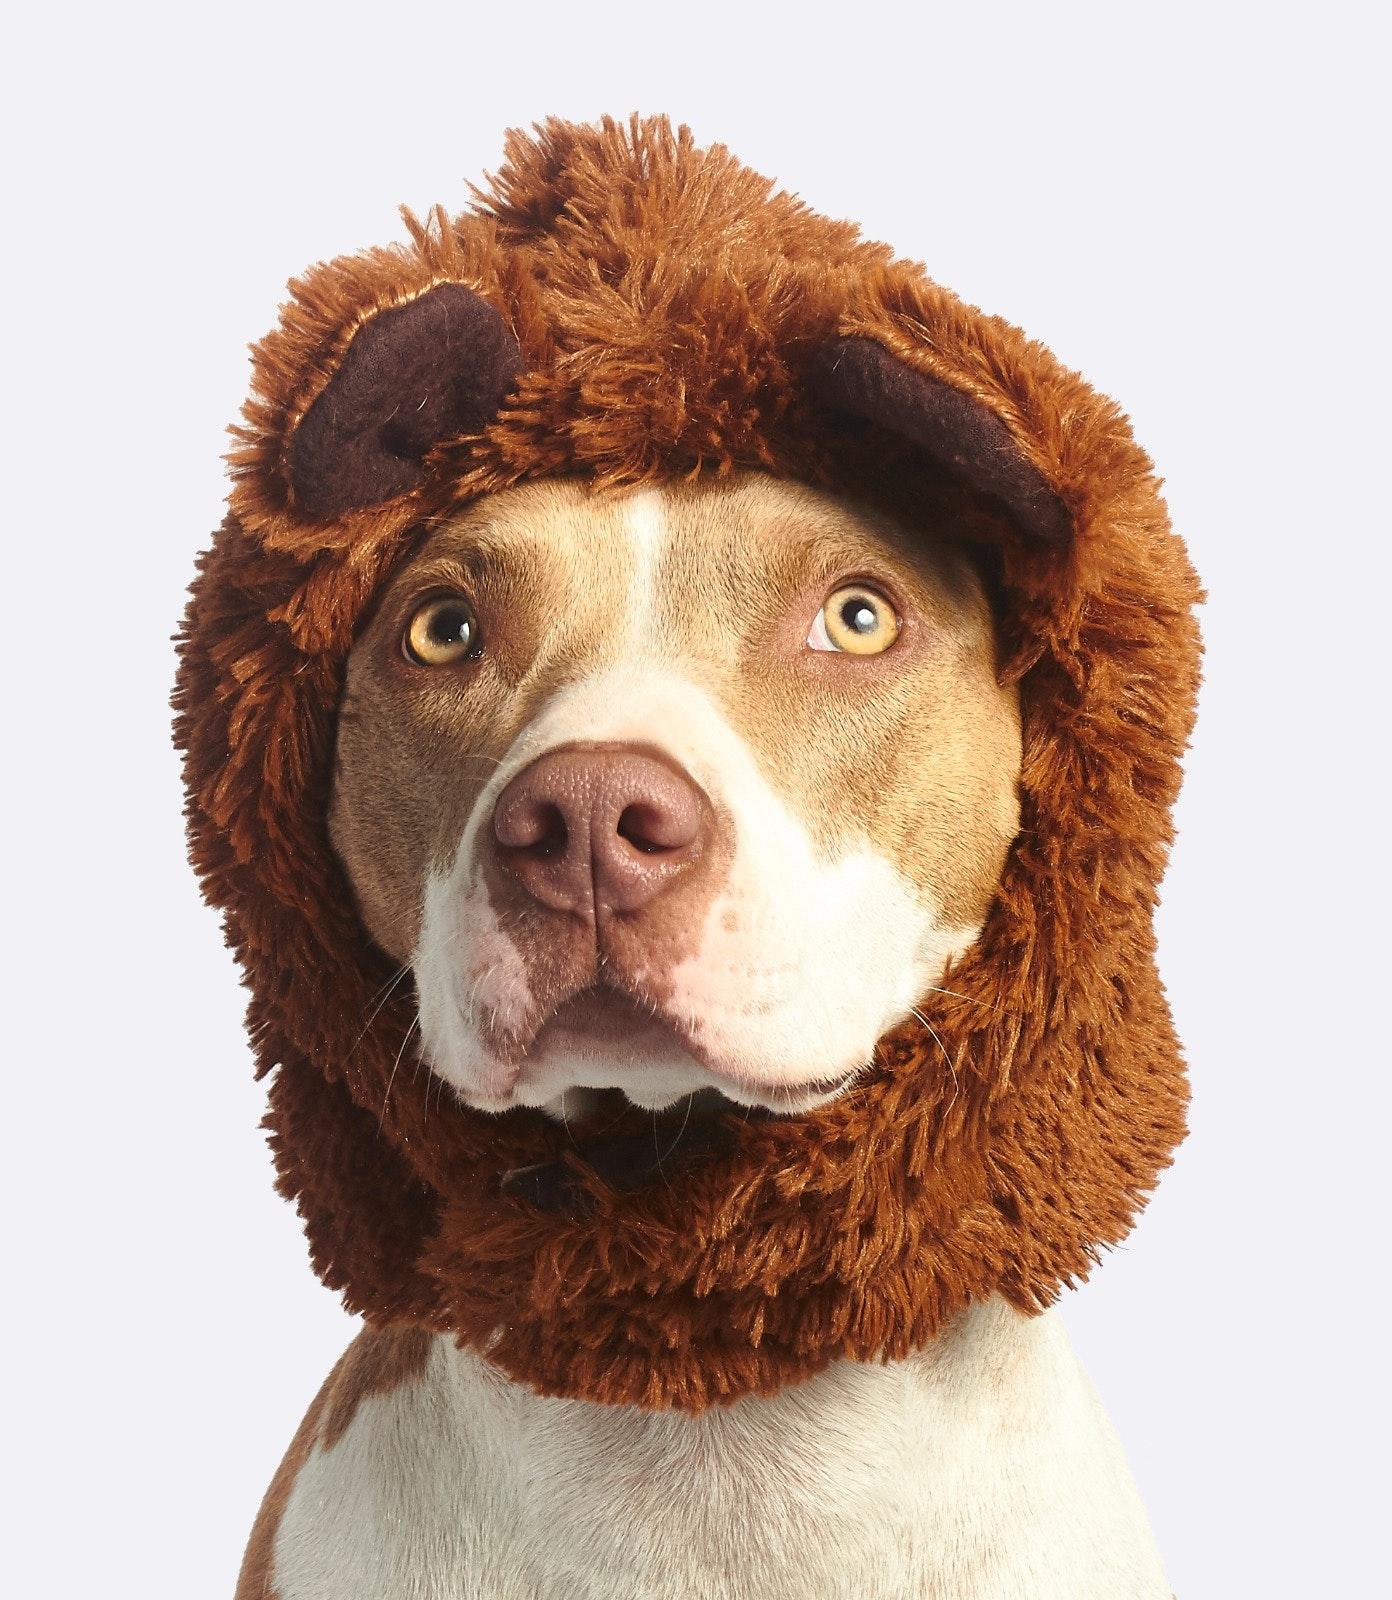 Acessórios para cachorros: Pit Bul terrier com gorro de urso.